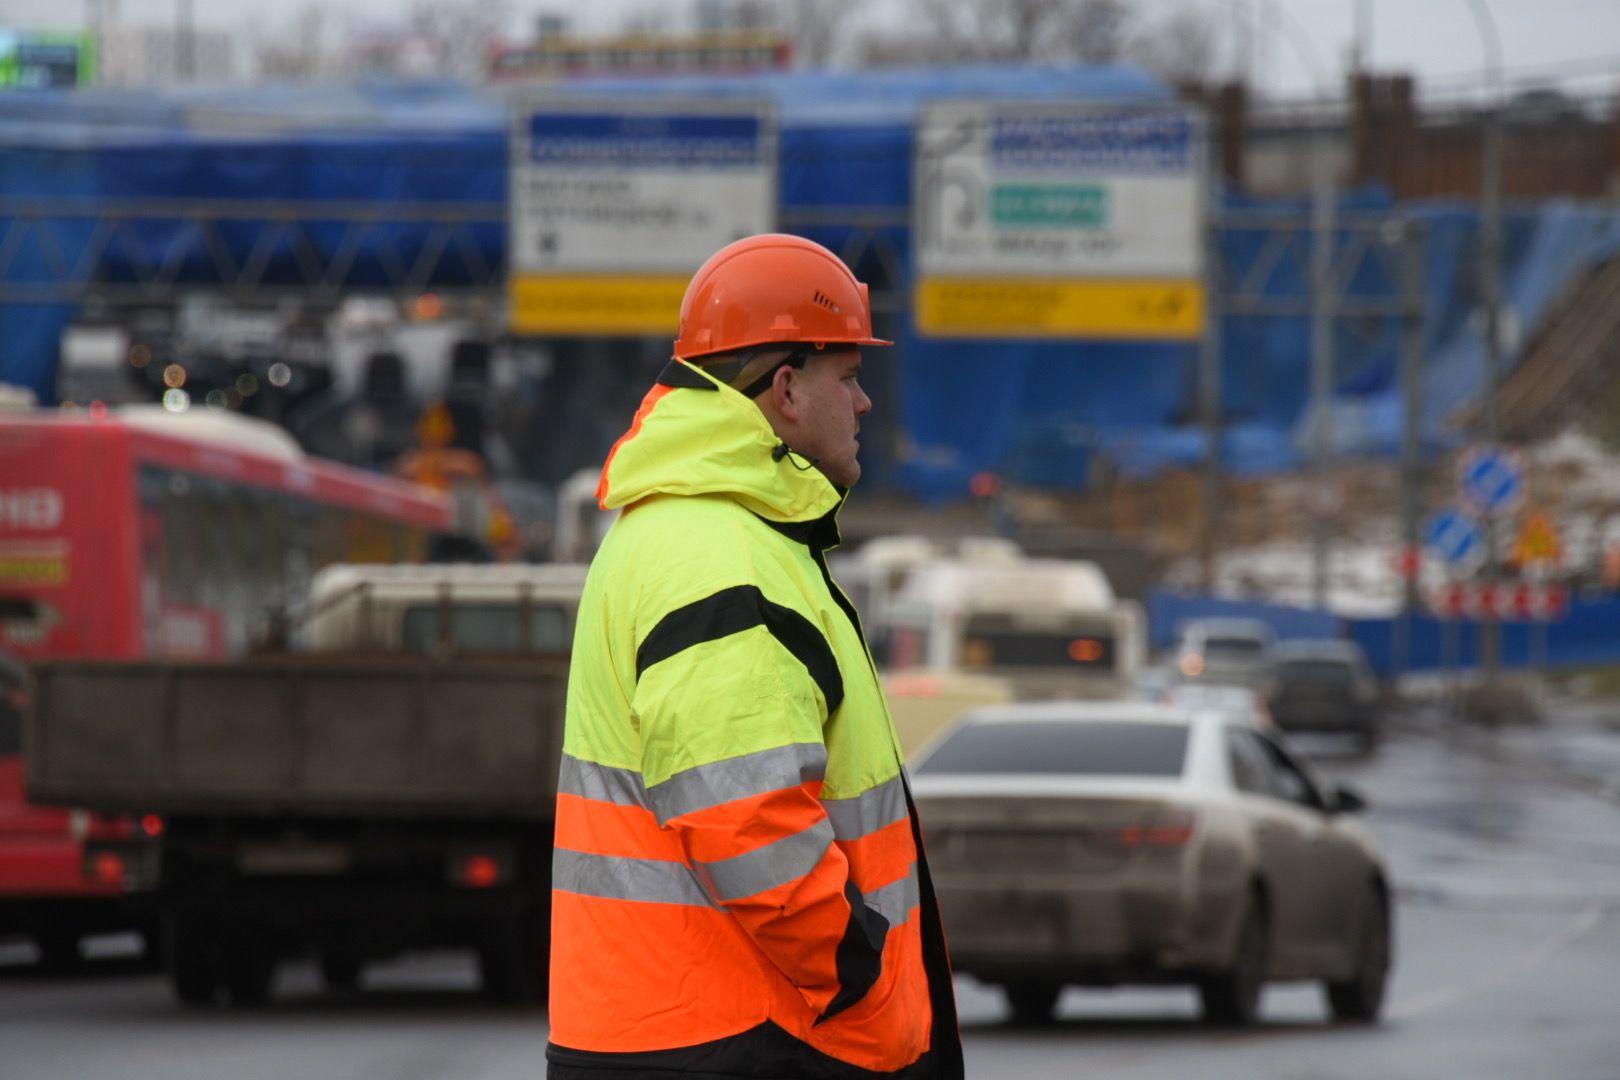 Развитие транспорта стало главной целью Адресной инвестиционной программы Москвы